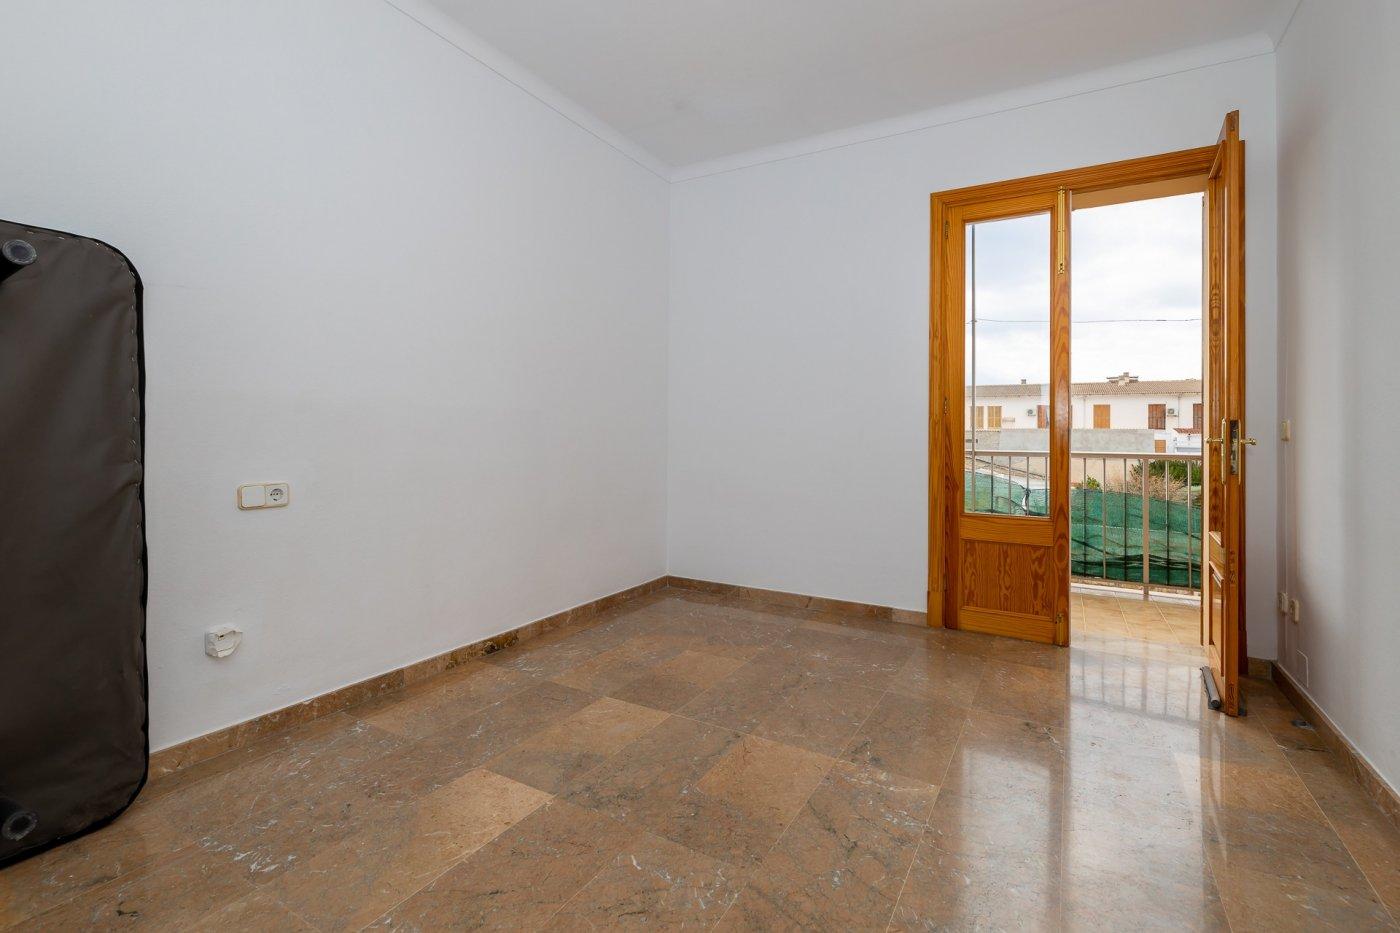 Planta baja y sala adicional de 95 m² con patio de 160 m² - imagenInmueble19